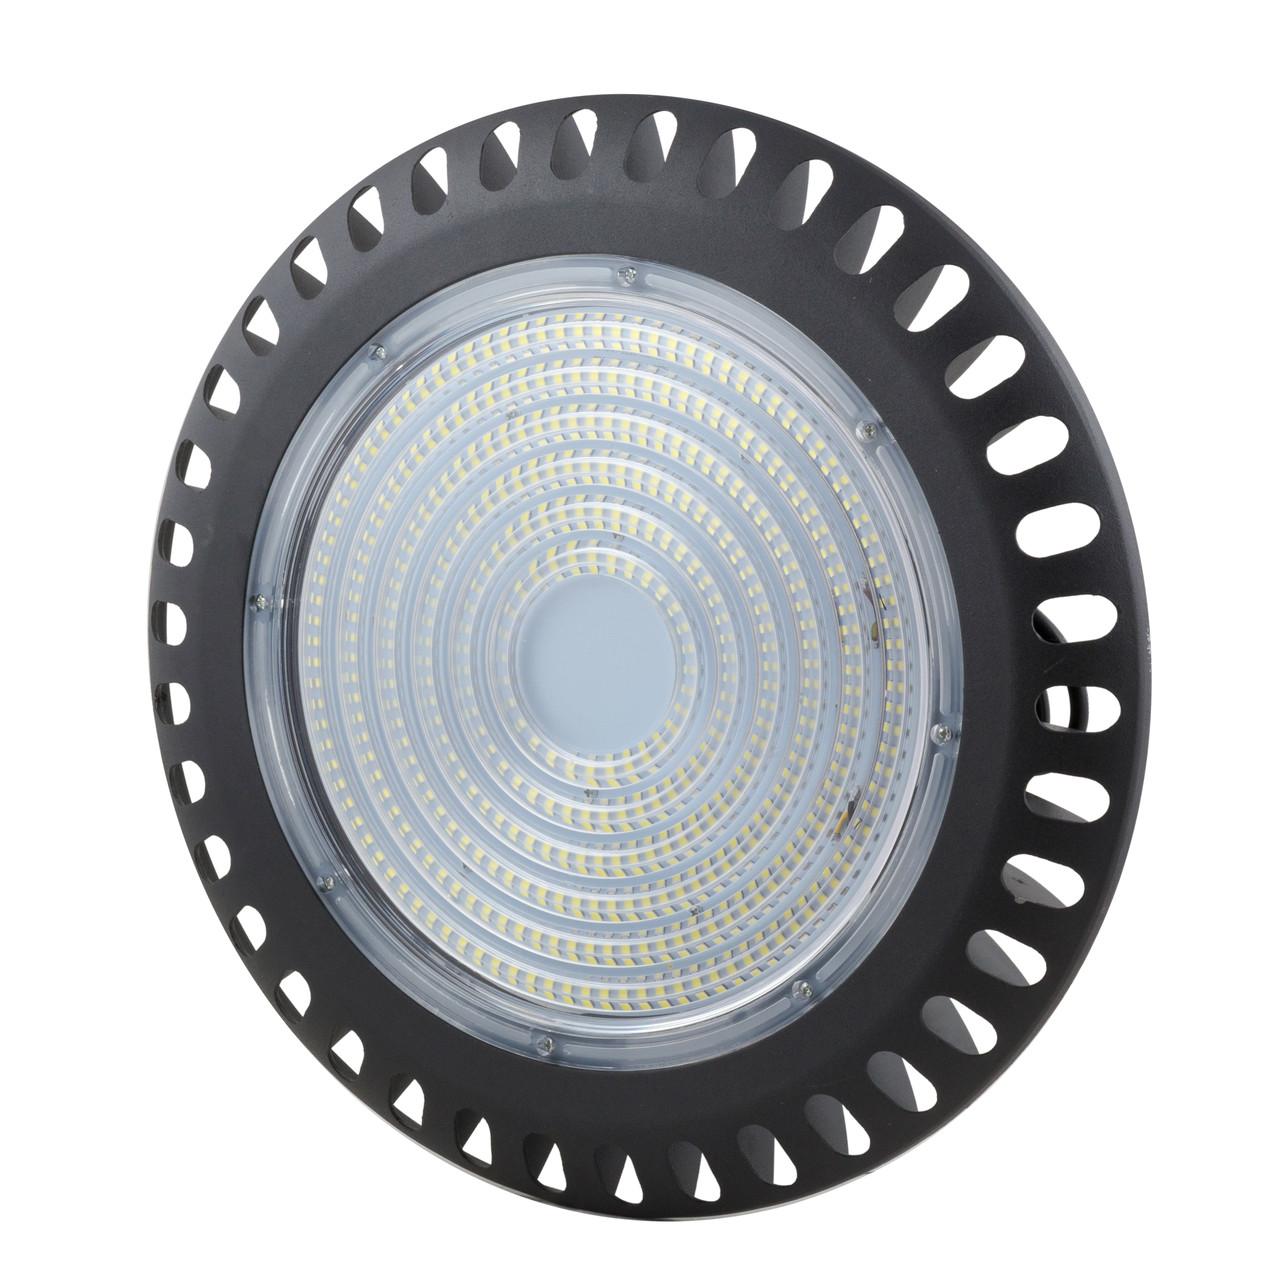 LED Светильник Евросвет для высоких потолков 200W 6400К IP65 EB-200-03 000039325